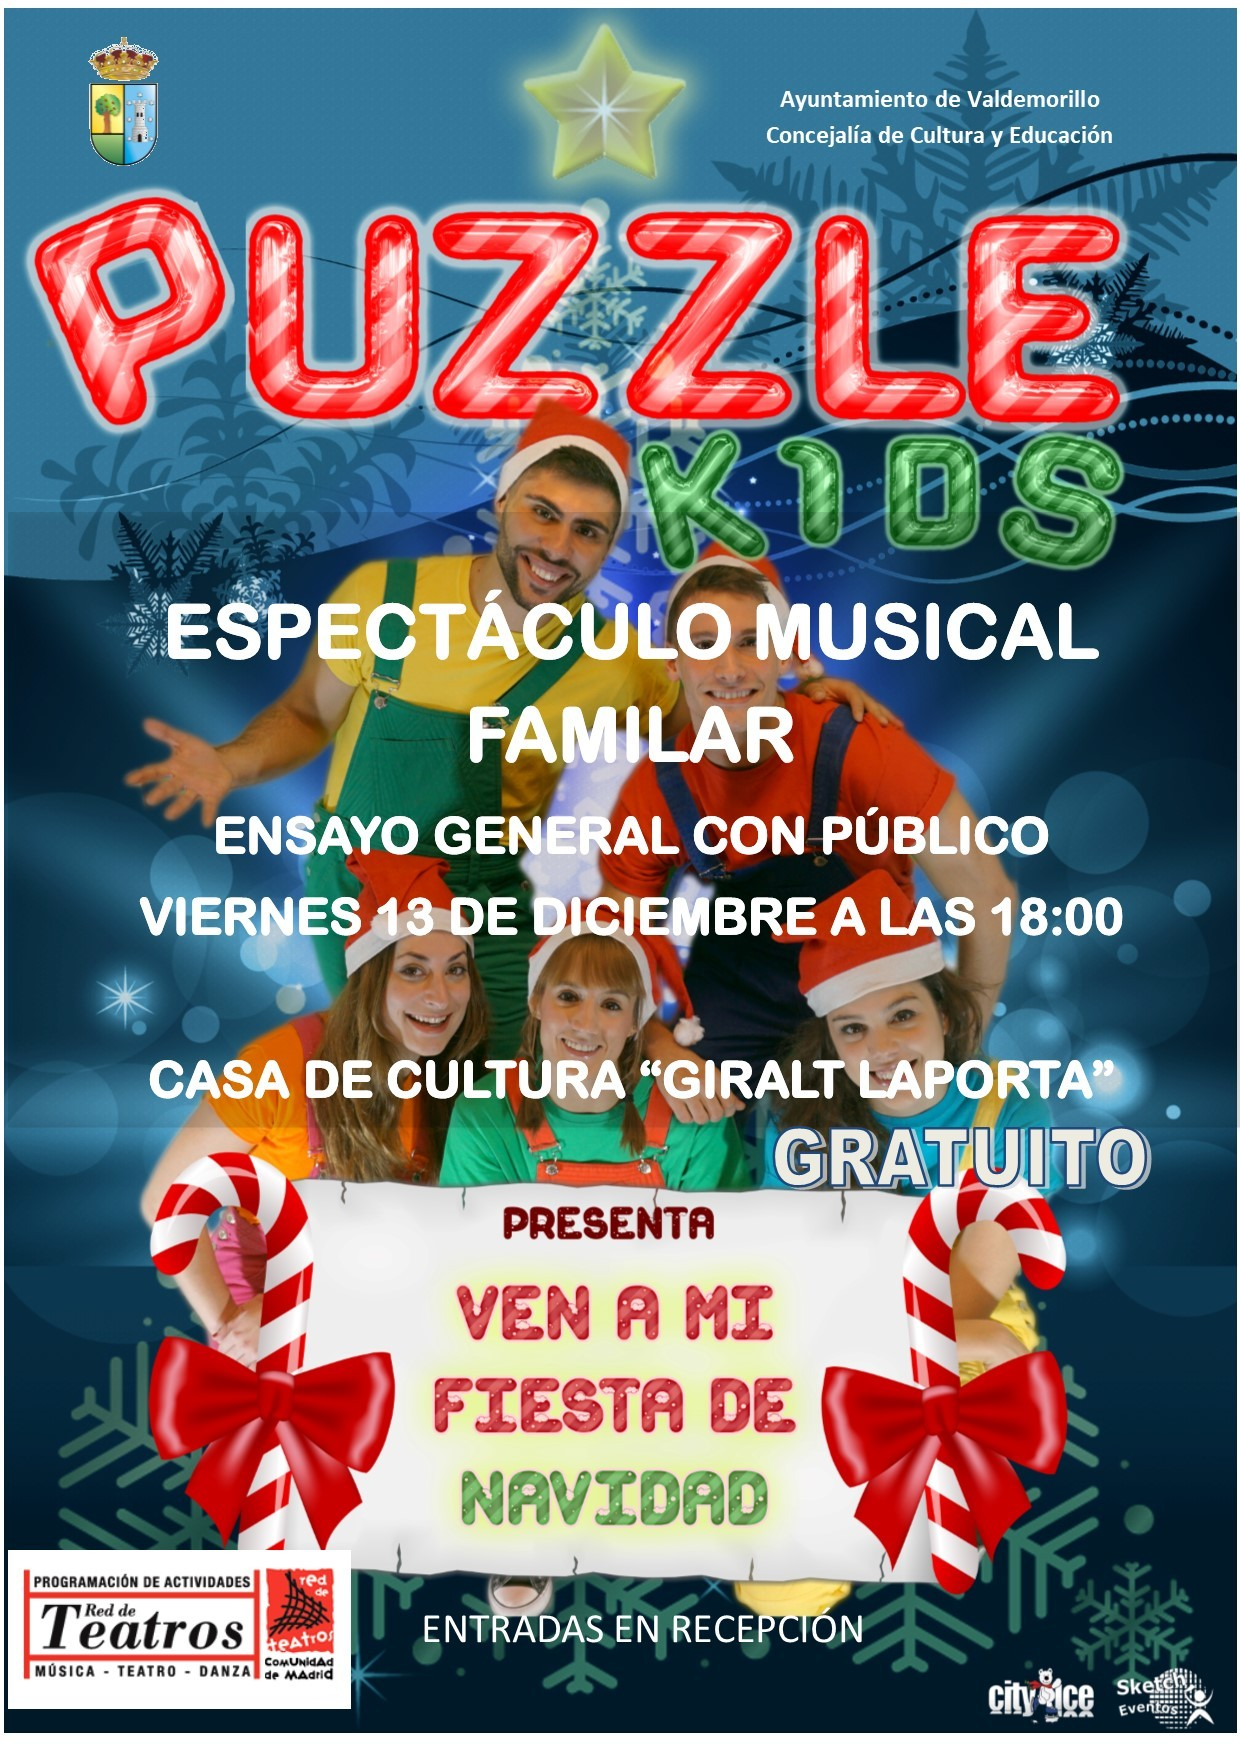 Los vecinos de Valdemorillo, invitados a disfrutar con el espectáculo musical de Puzzle Kids.  El viernes 13 de diciembre,  'Ven a mi Fiesta de Navidad', para pasarlo en grande  en el Auditorio de la Giralt Laporta